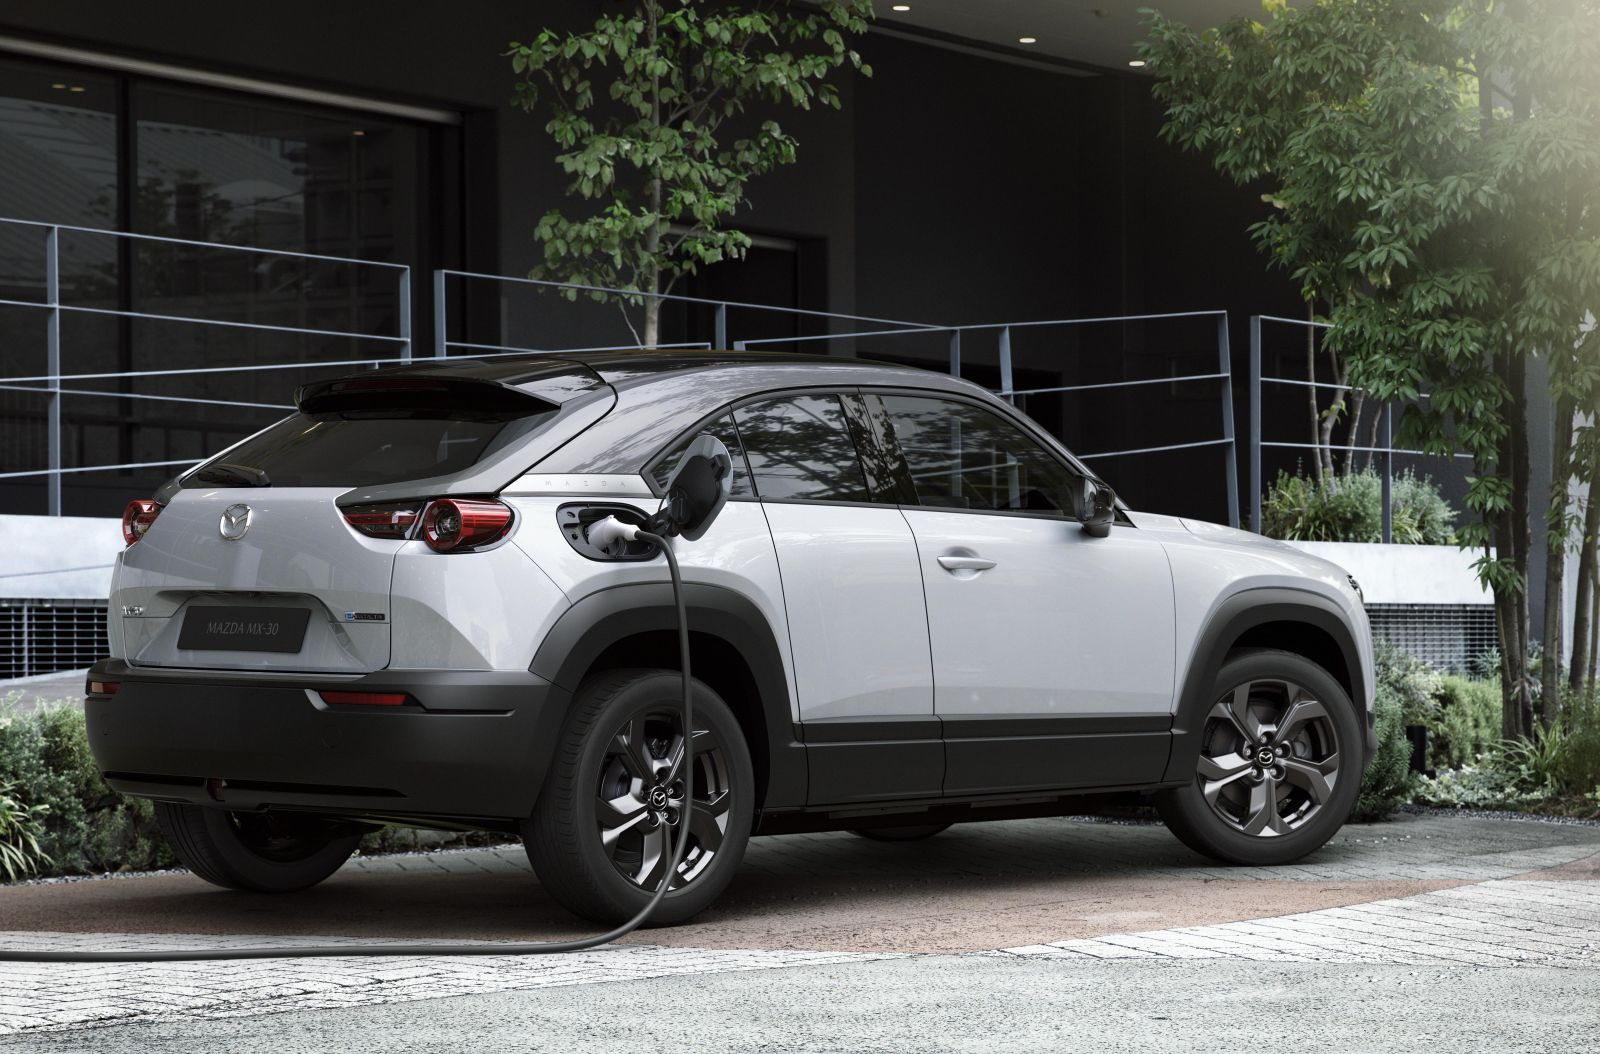 Milieu Investeringsaftrek Voor Elektrische Auto Wat Levert Dat Op Mazda Blog